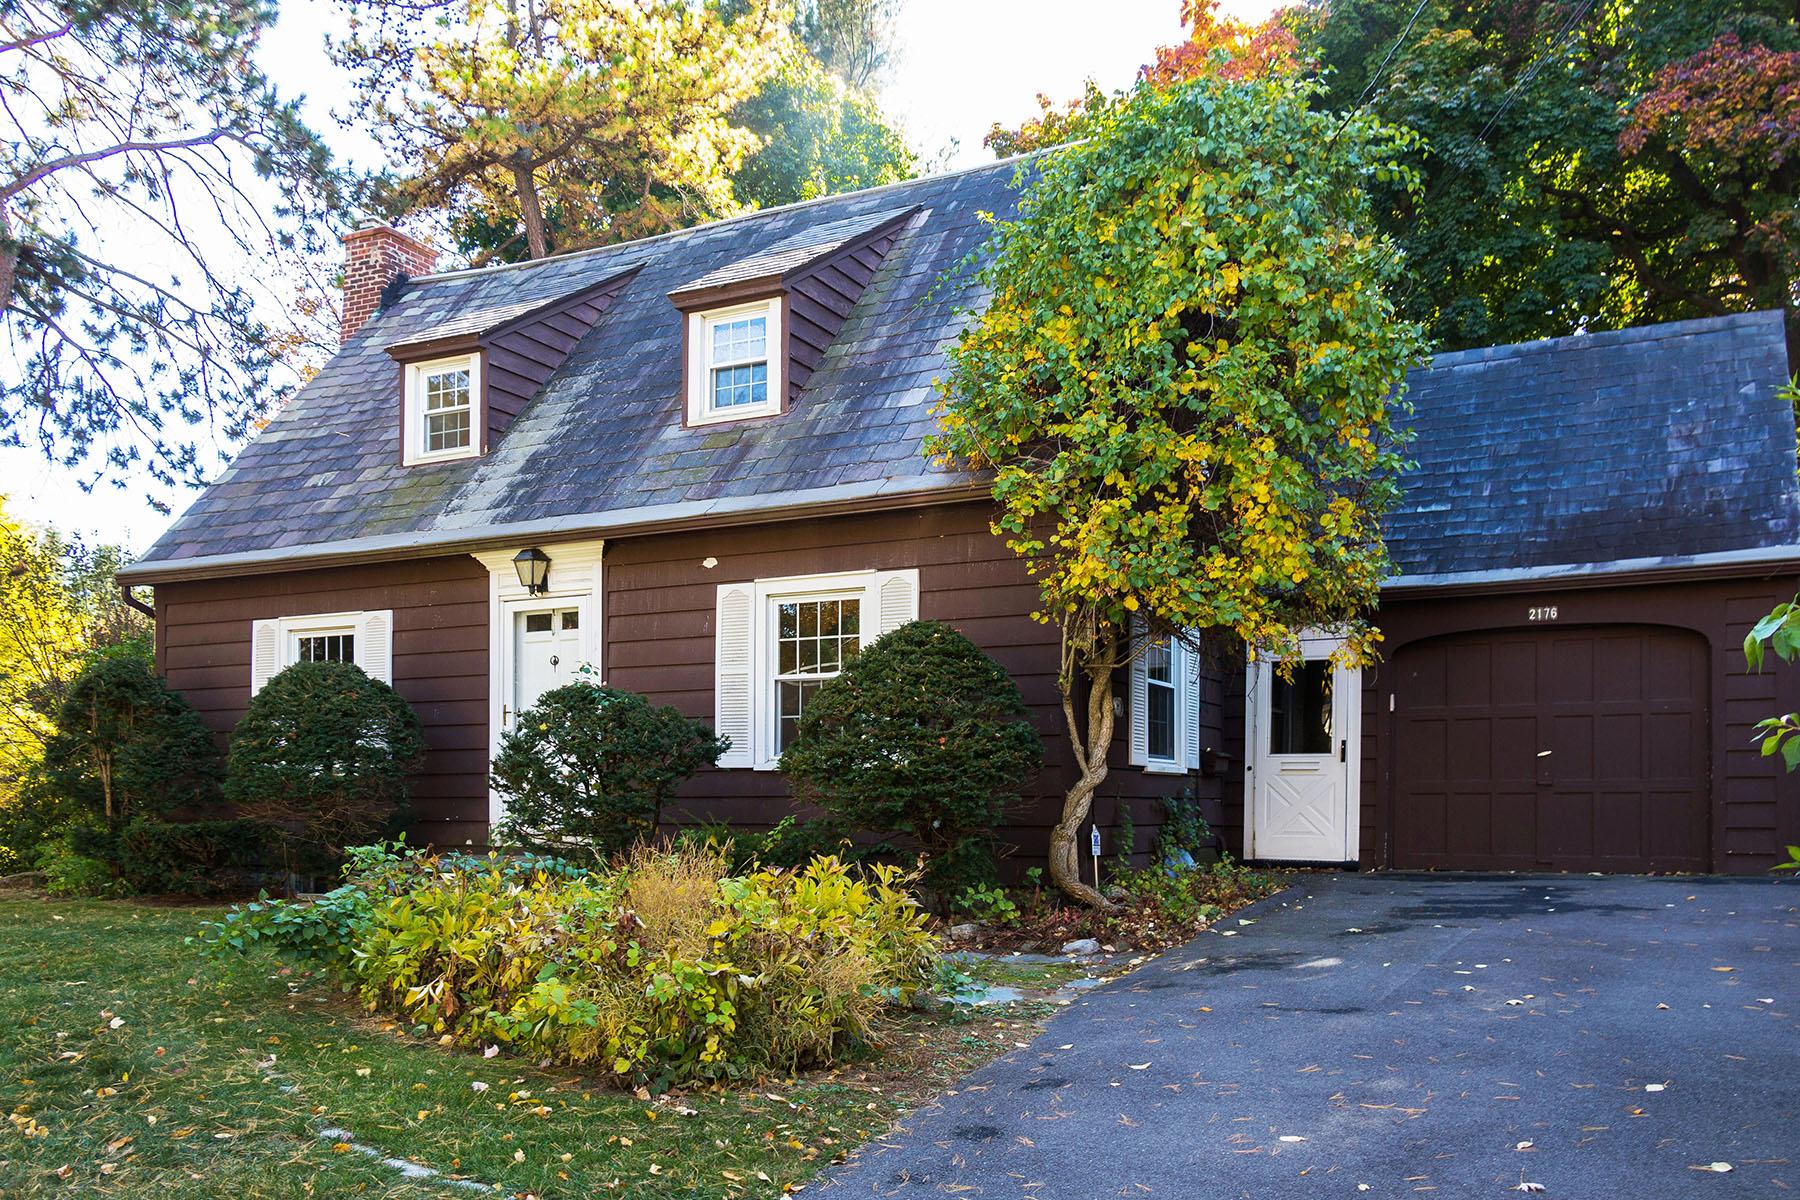 独户住宅 为 销售 在 Old Niskayuna 2176 Stuyvesant St Niskayuna, 纽约州 12309 美国